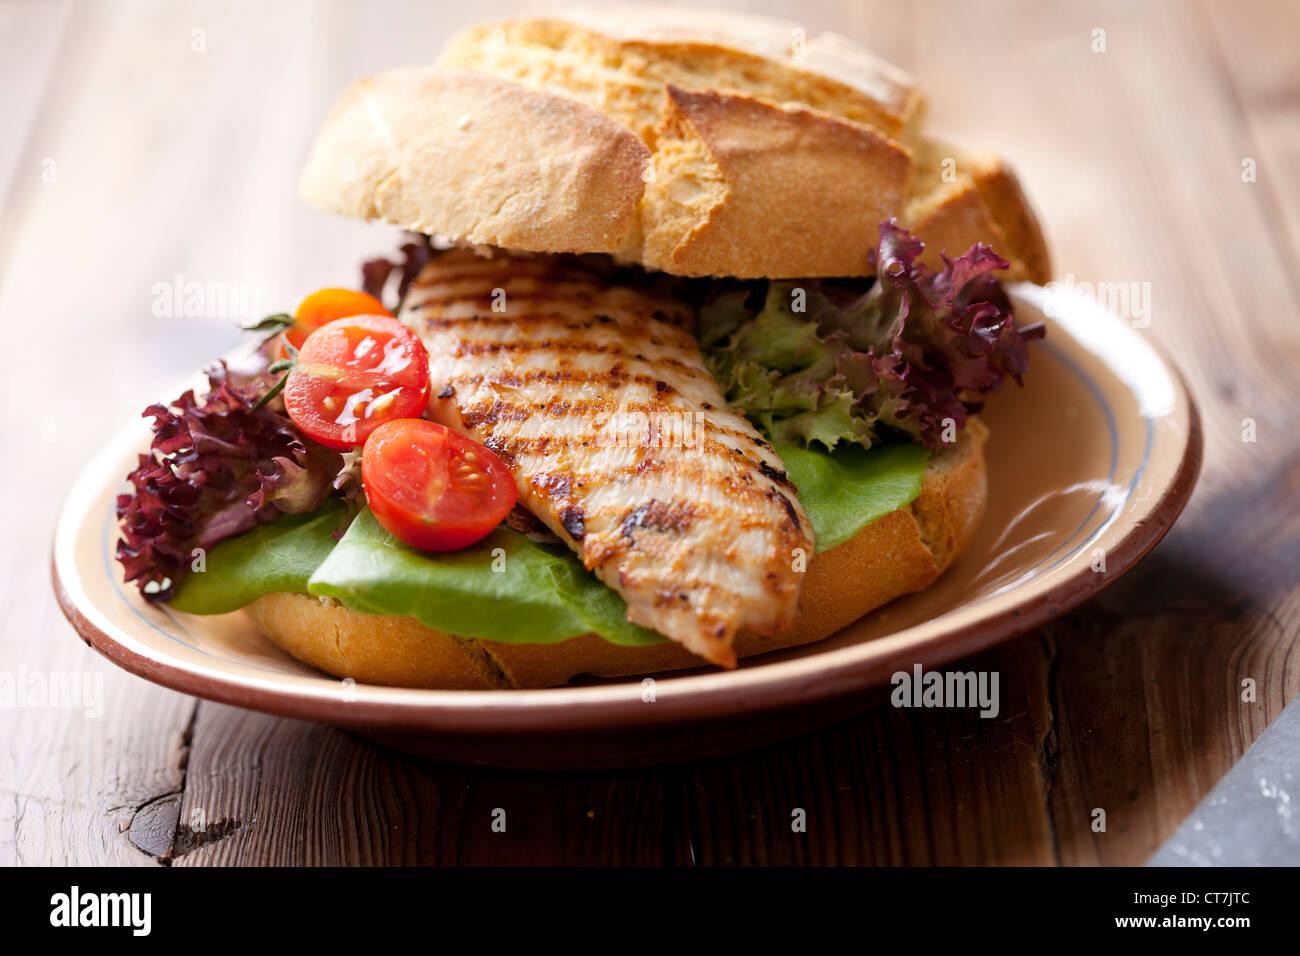 Sandwich au poulet gourmet Photo Stock